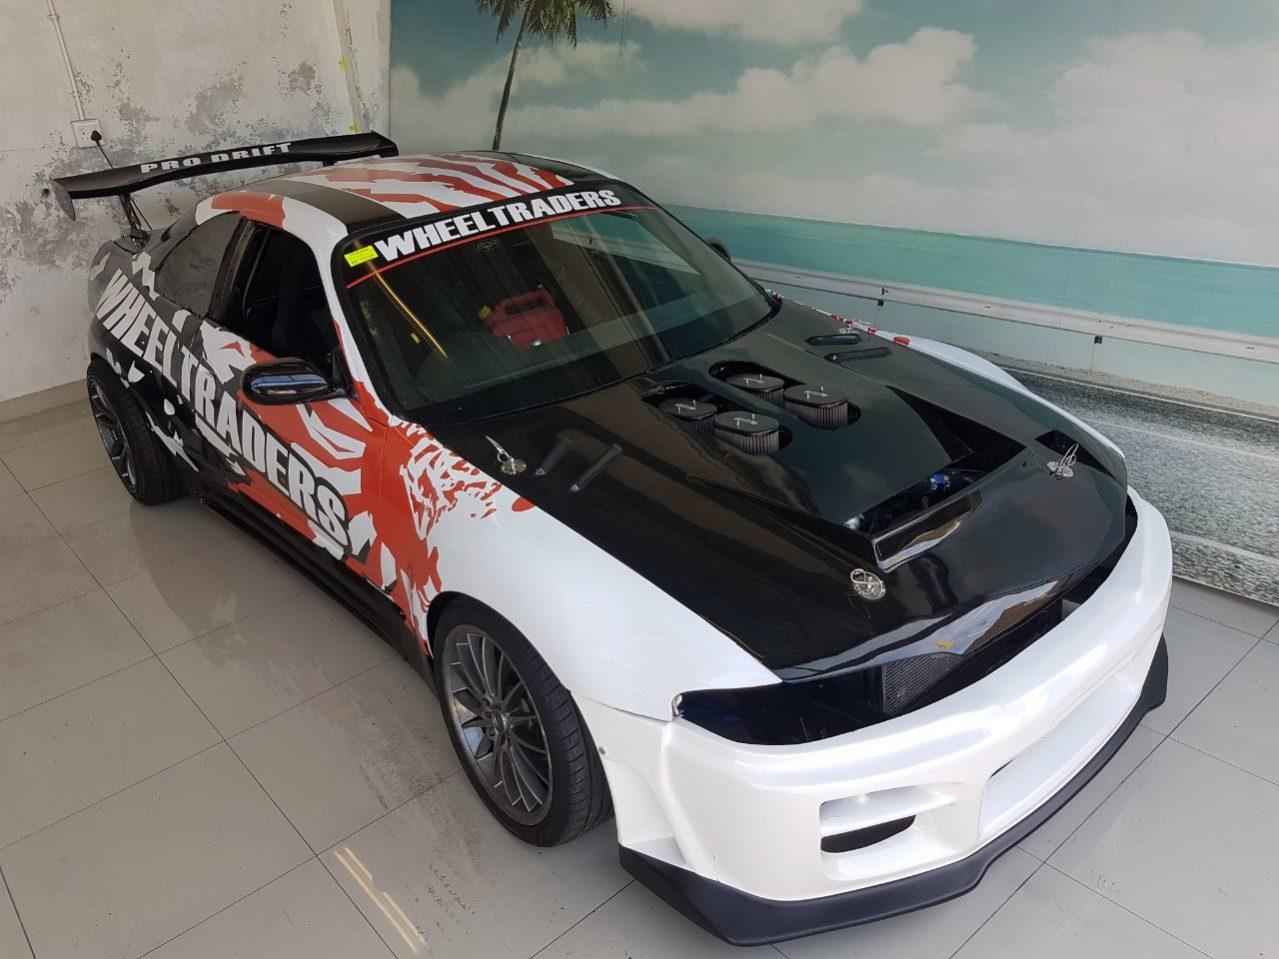 Drift Cars For Sale >> 1996 Nissan Gt R V8 Lexus 3uz Drift Car For Sale In Goodwood